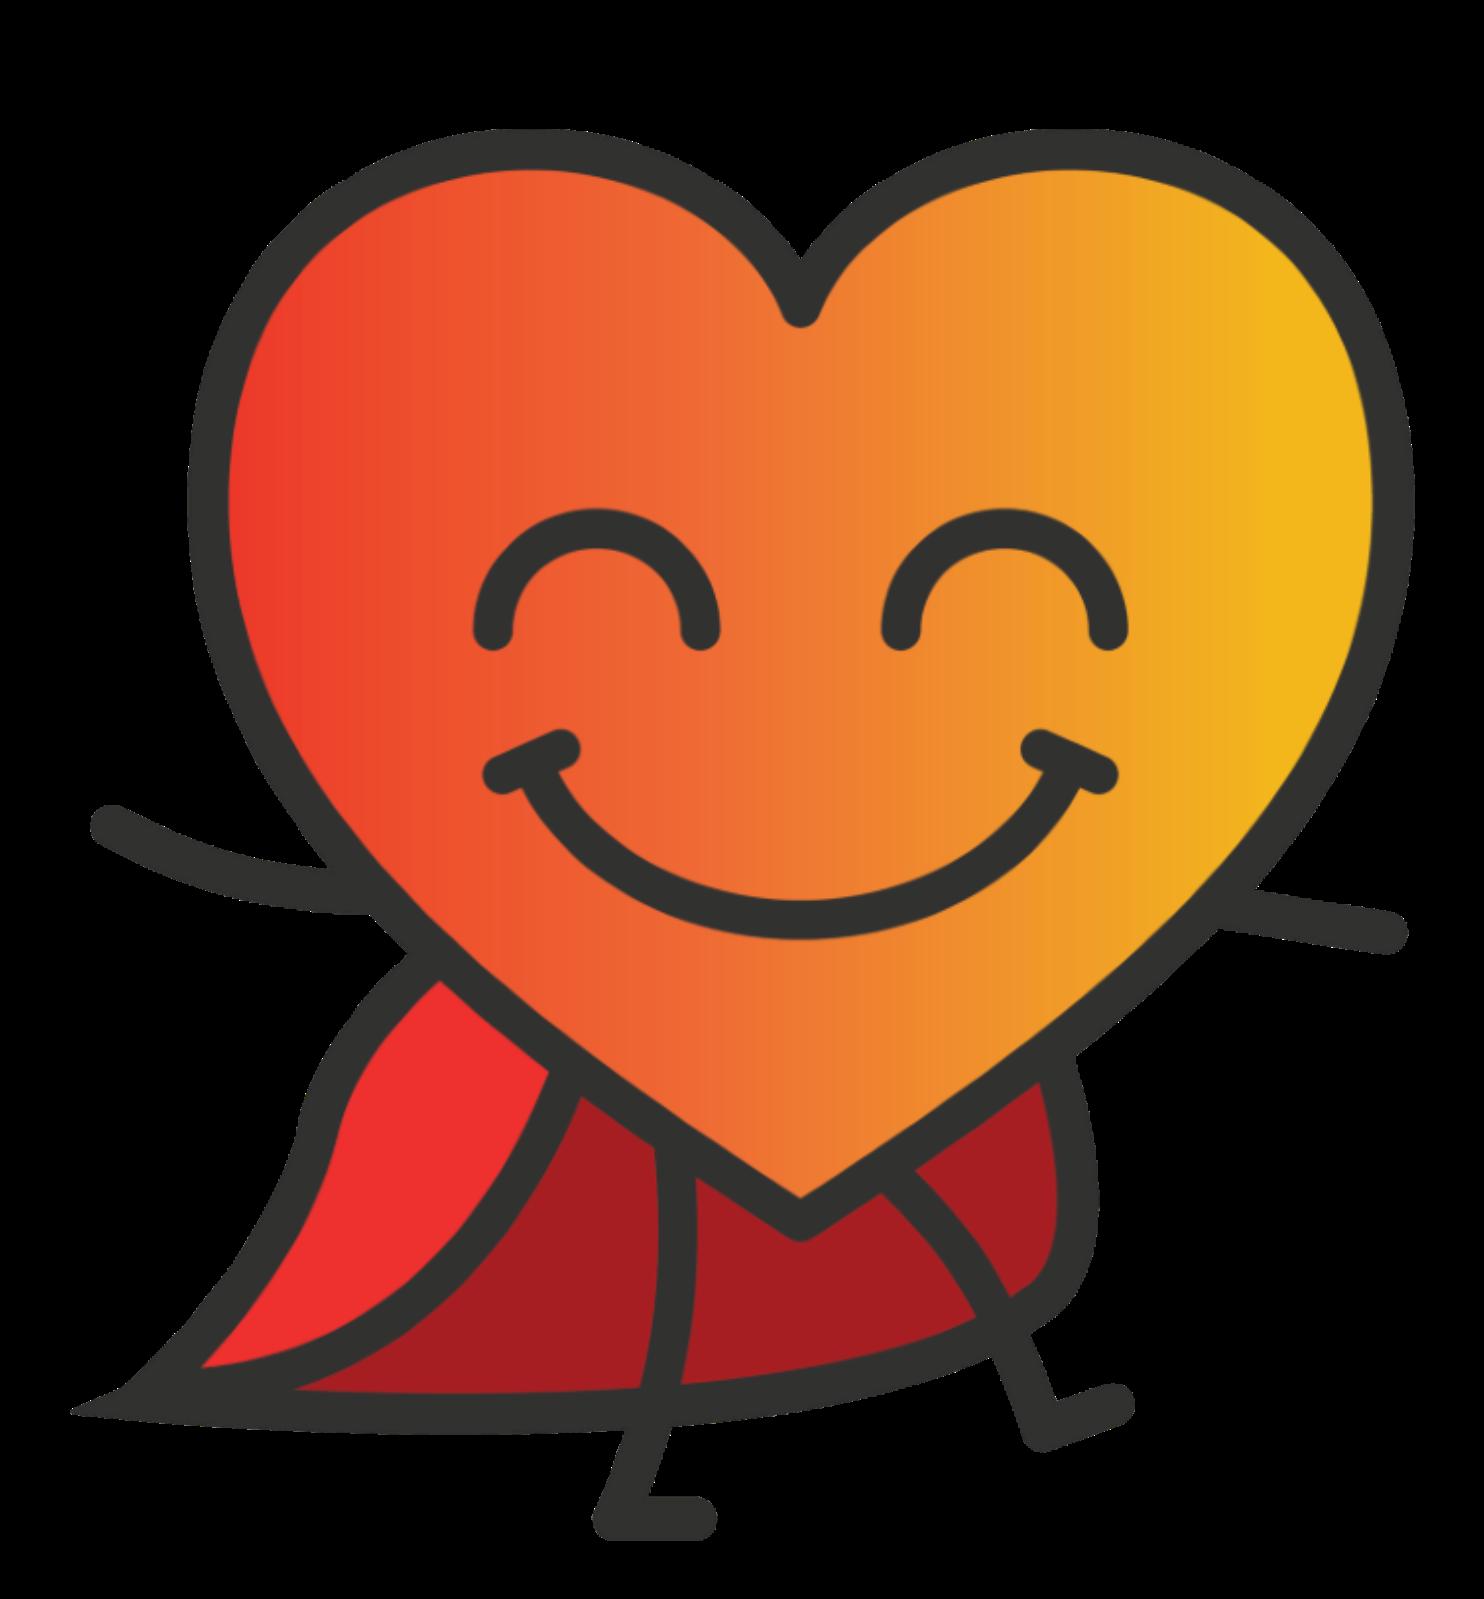 Heart Guy - Hero2